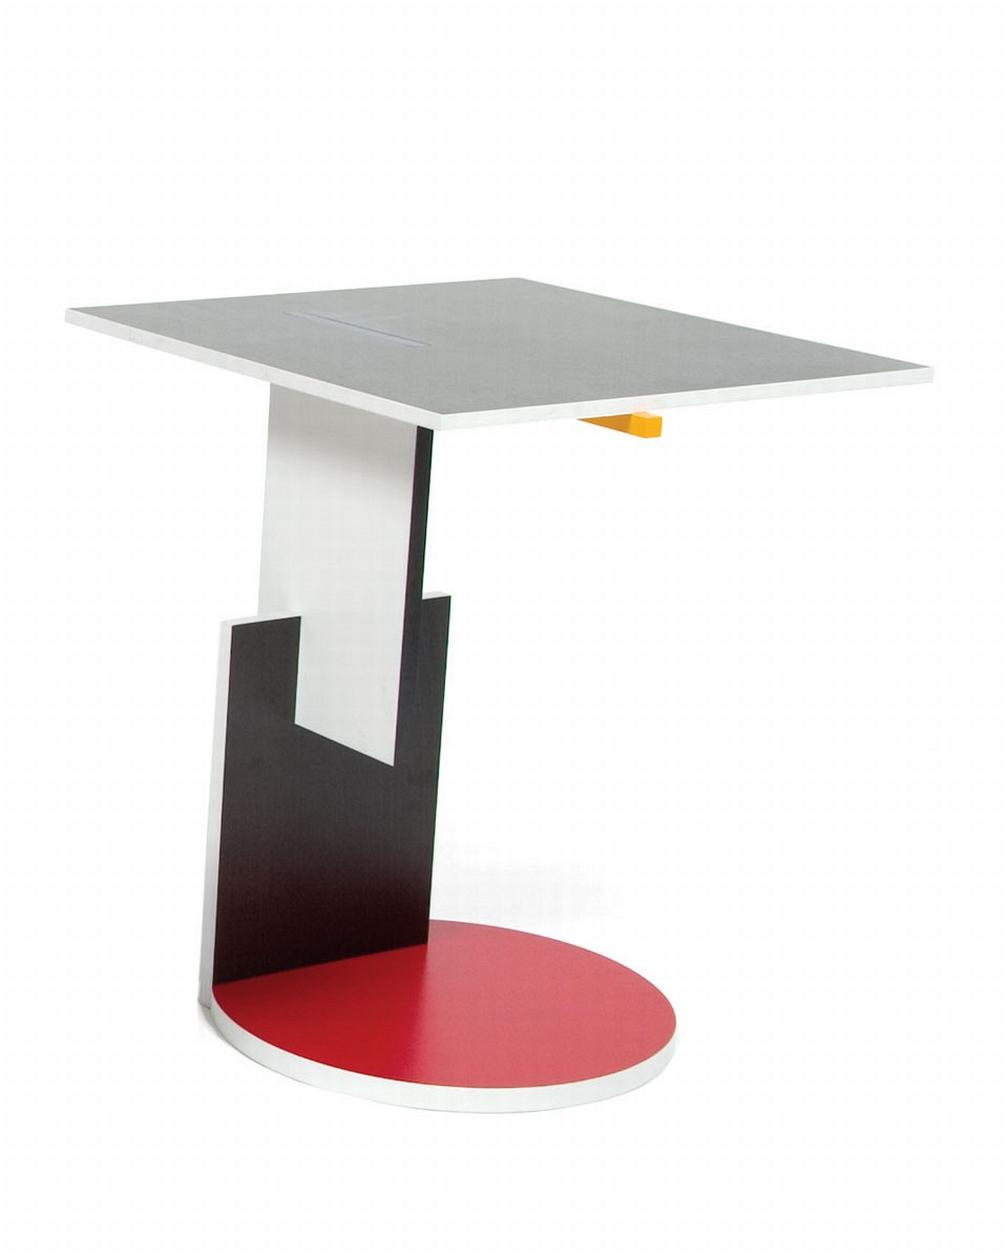 Gerrit rietveld furniture - Gerrit Rietveld Furniture Viewing Gallery